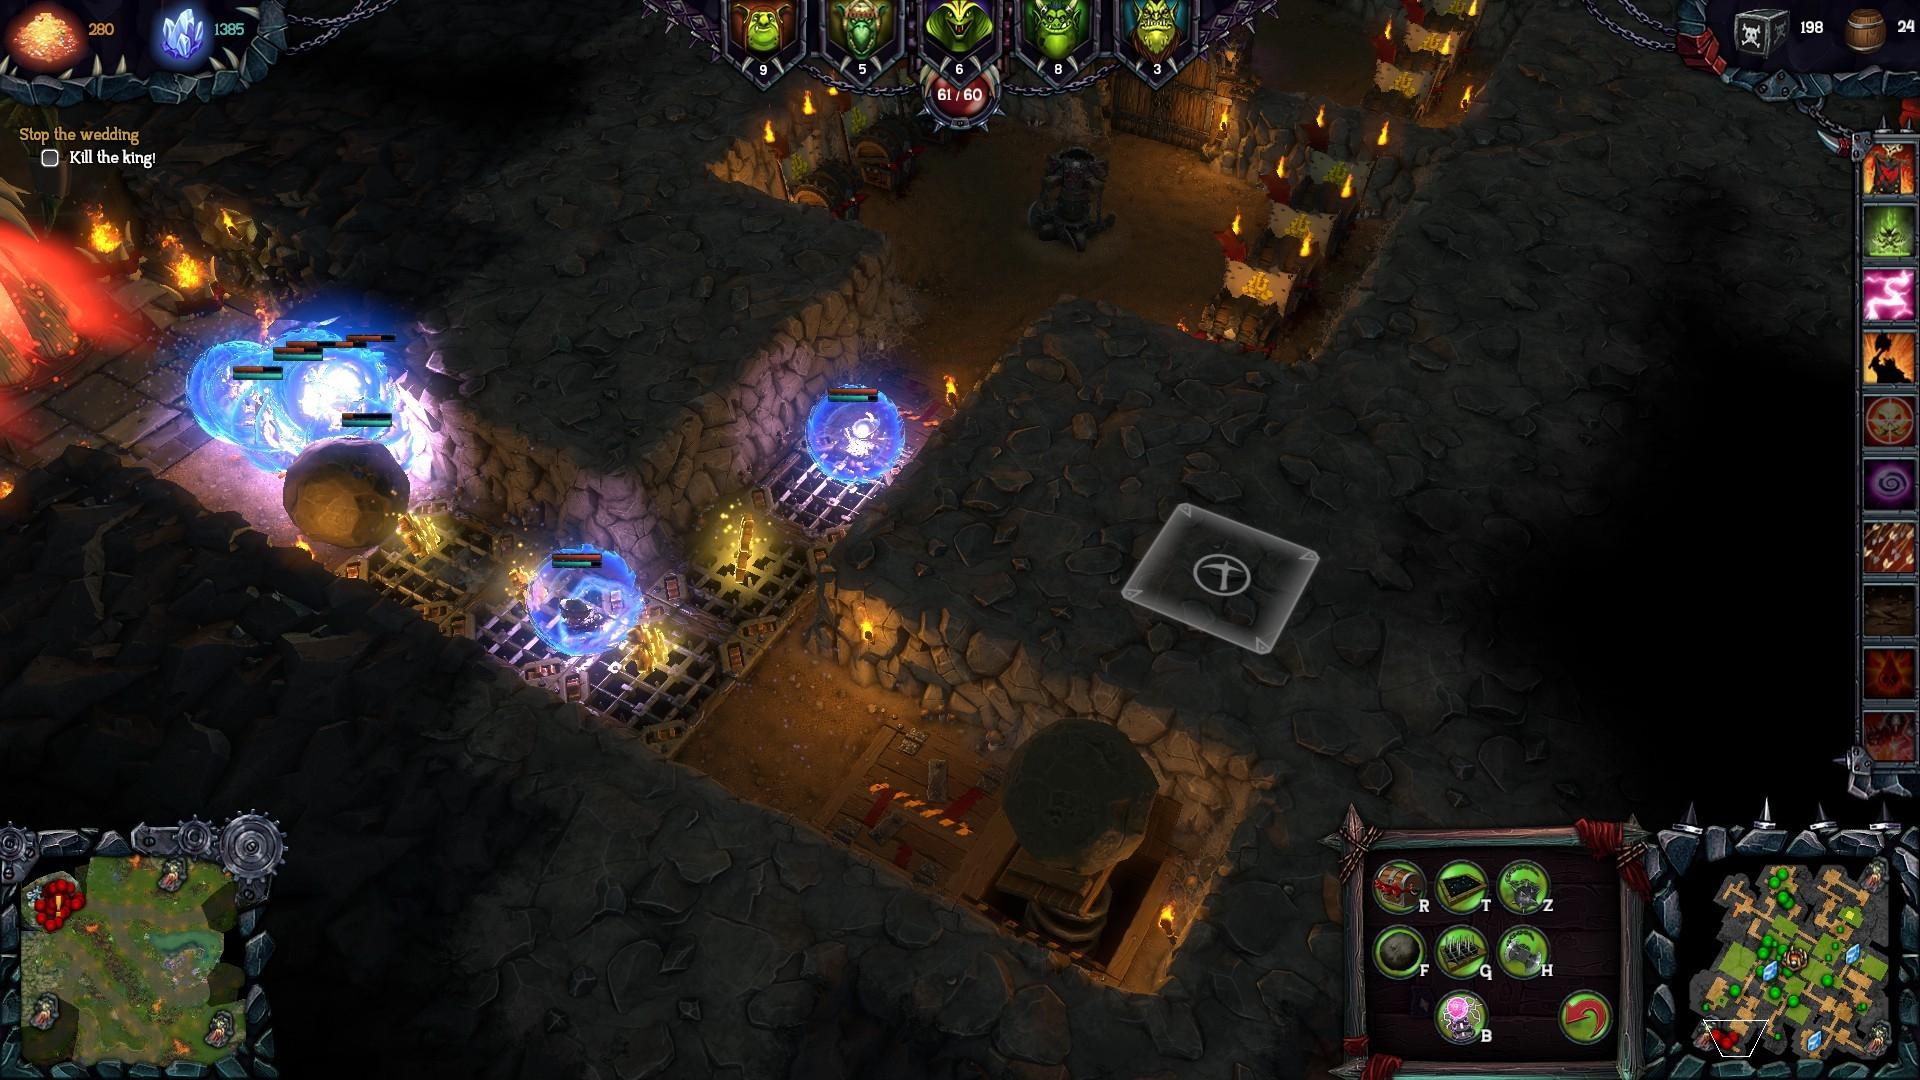 Скачать игру конфликт братьев на компьютер